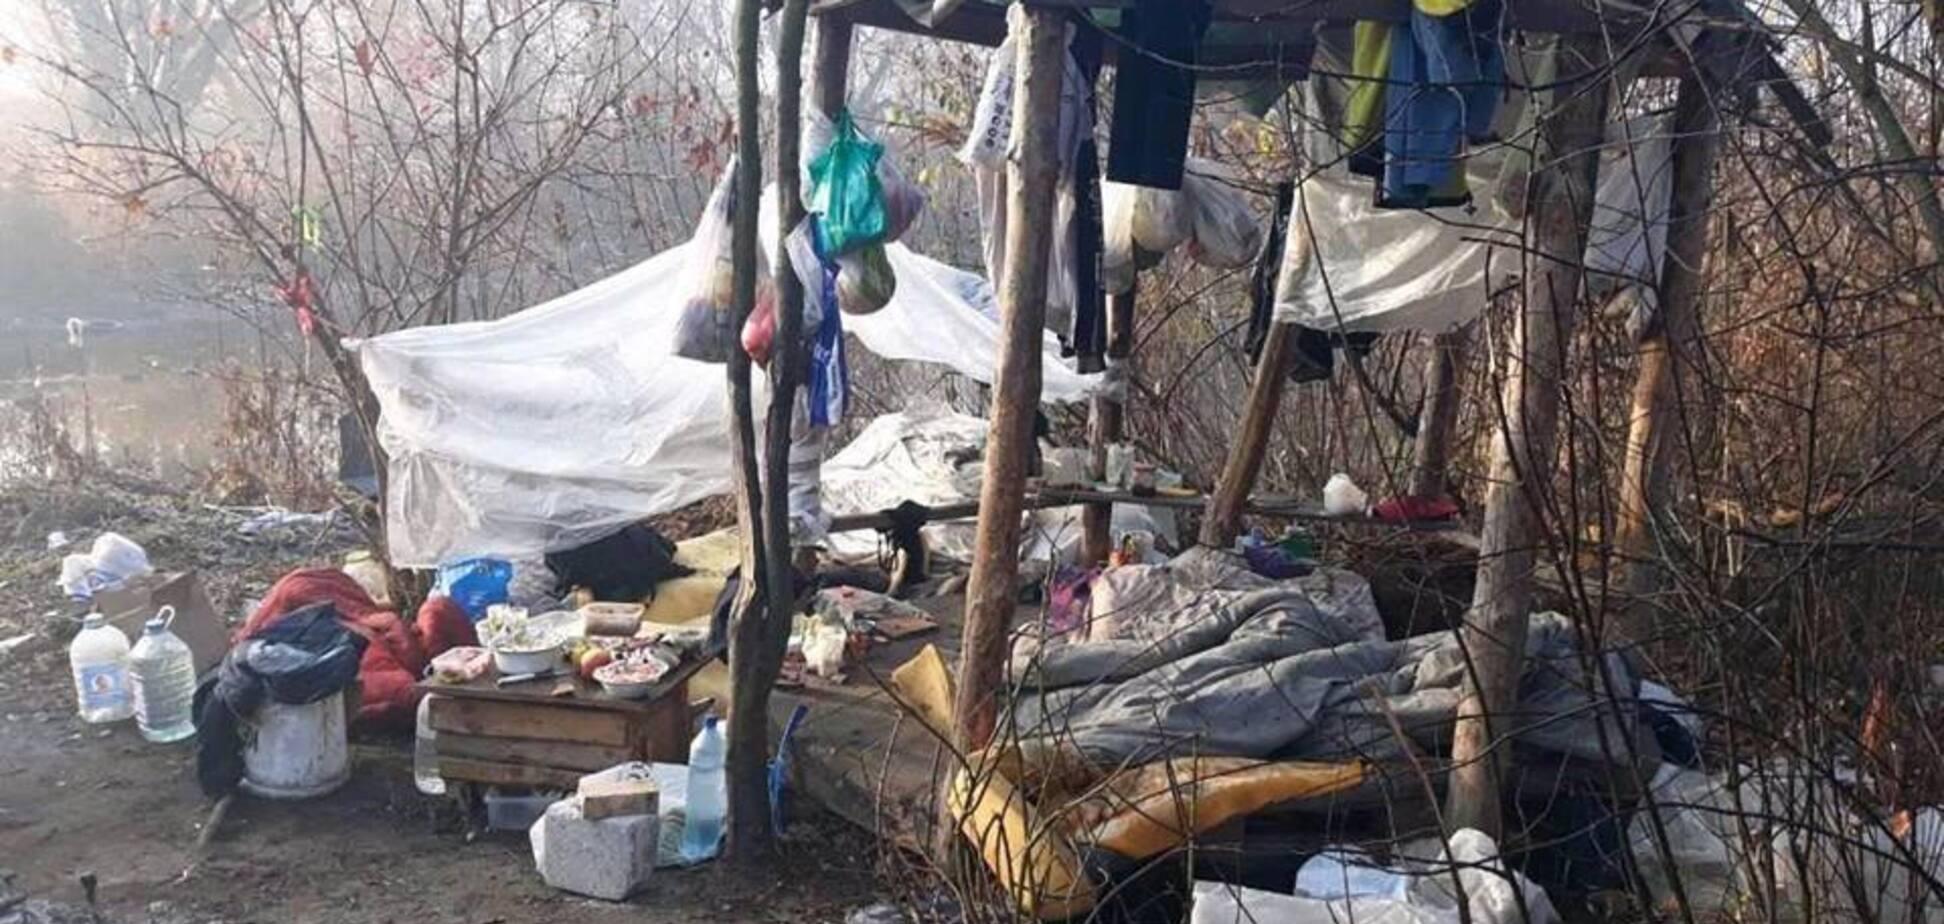 Ногами по голове: под Киевом подростки до смерти забили мужчину